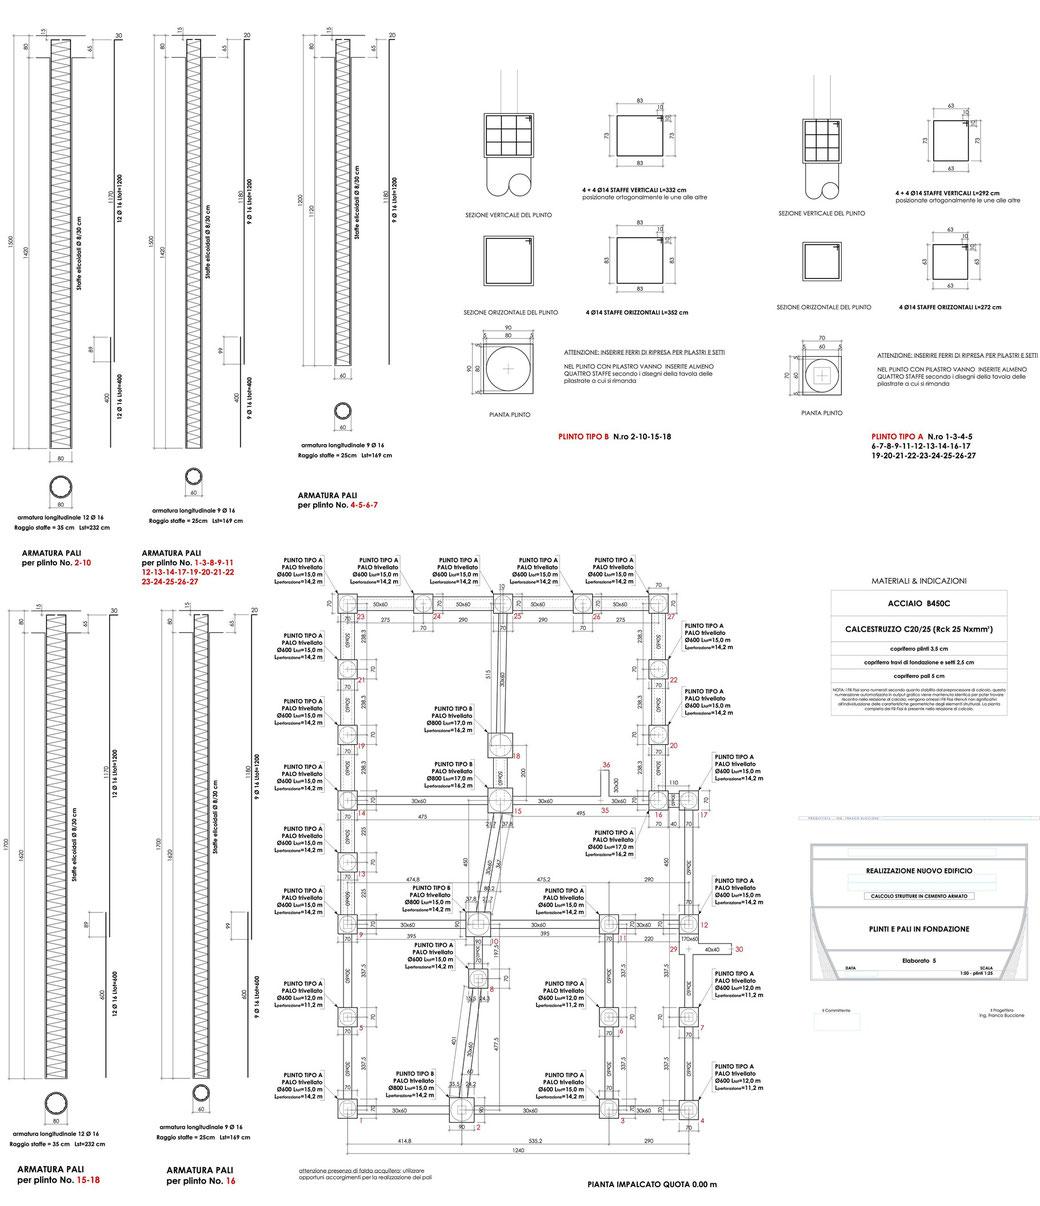 Esempio di progettazione strutturale - Stralcio progetto strutture di un edificio - Fondazioni 1